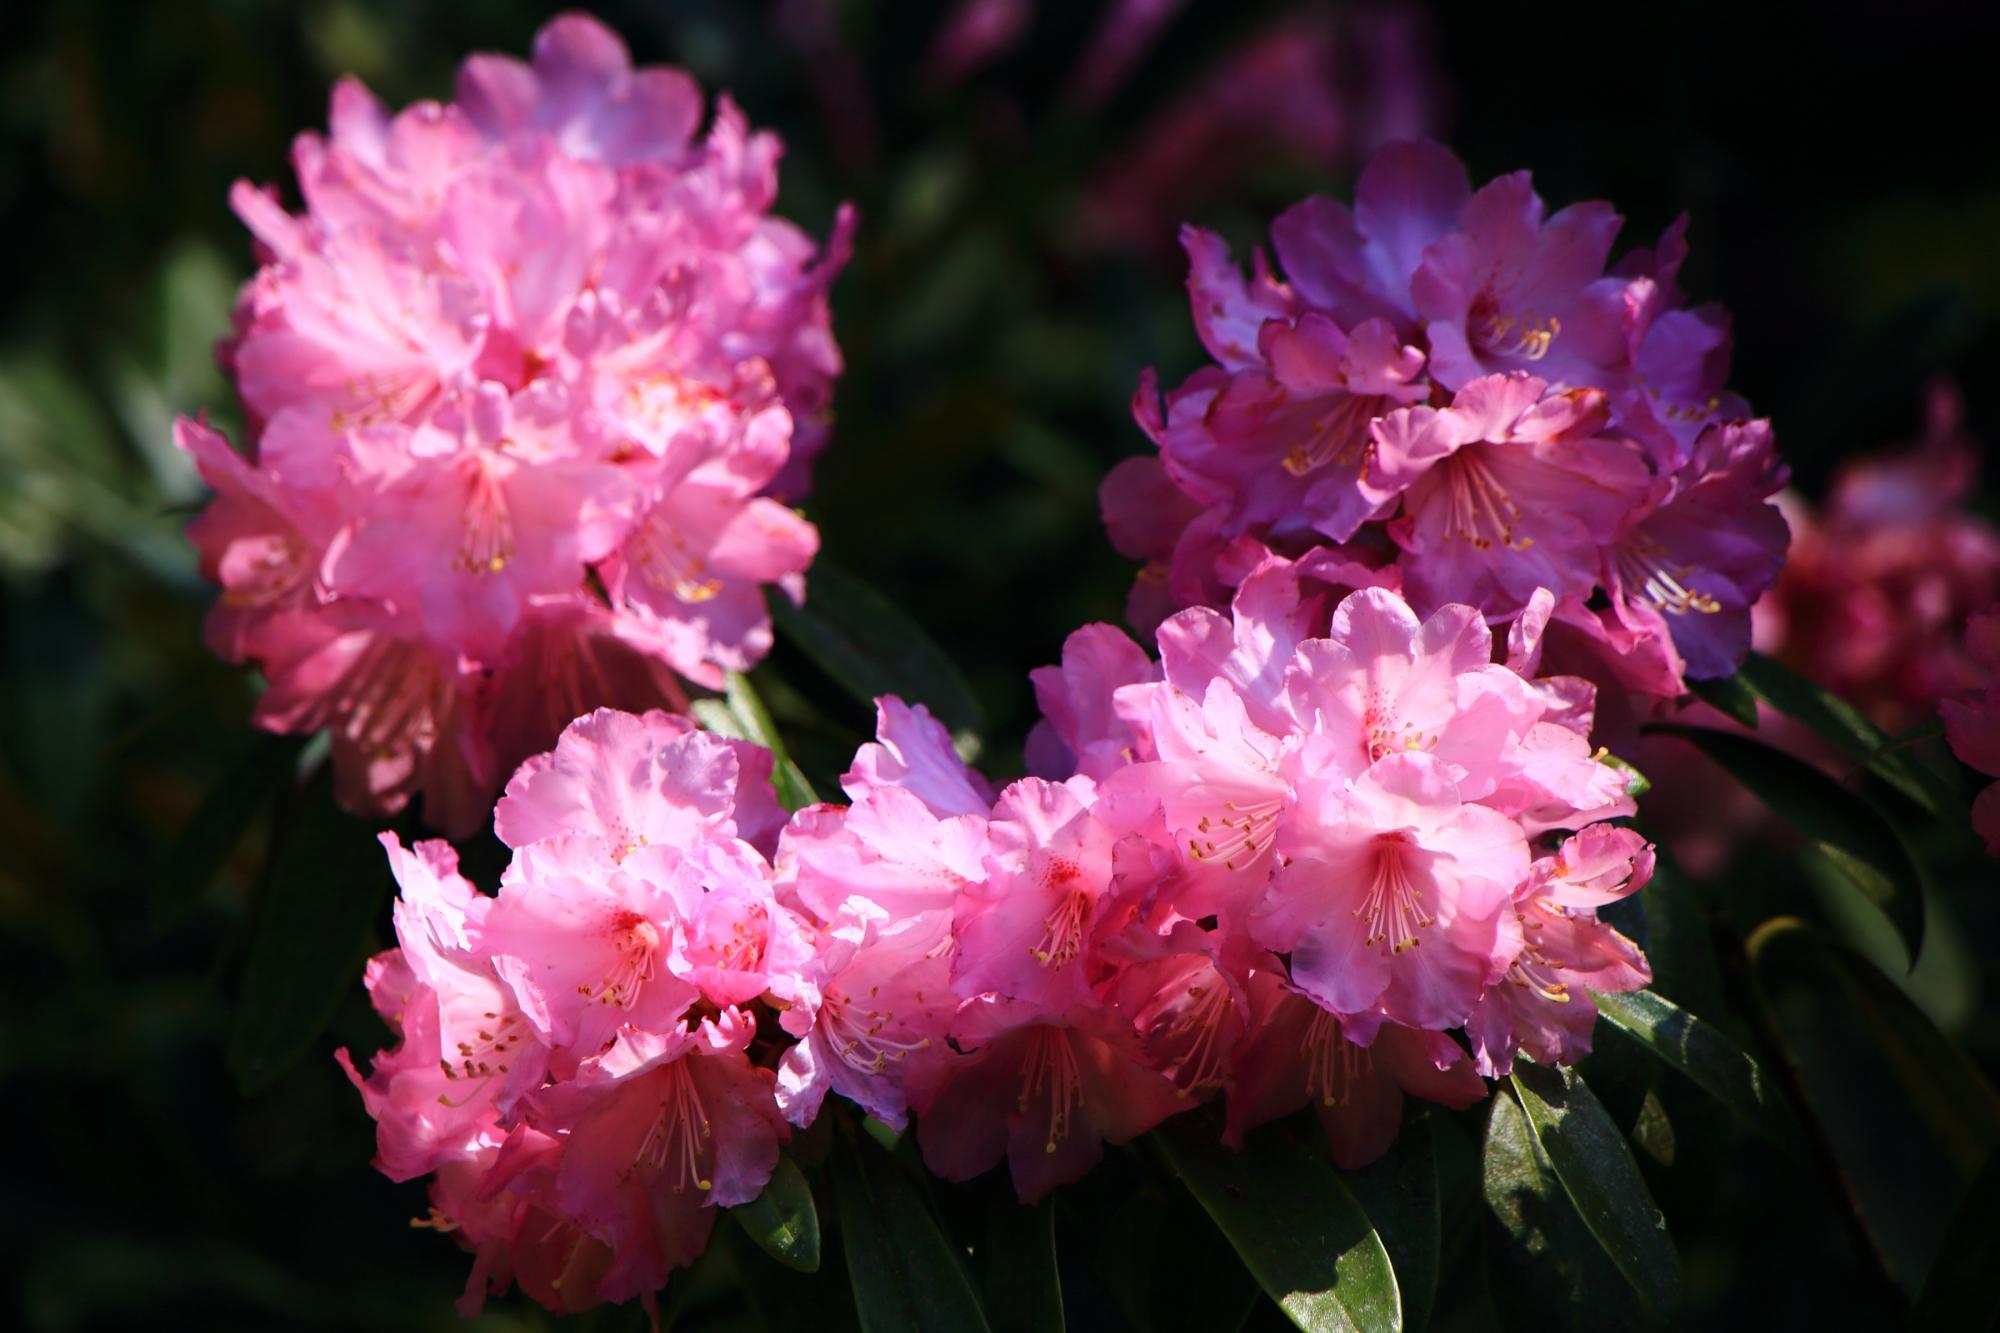 三千院の太陽を浴びて輝くピンクの石楠花